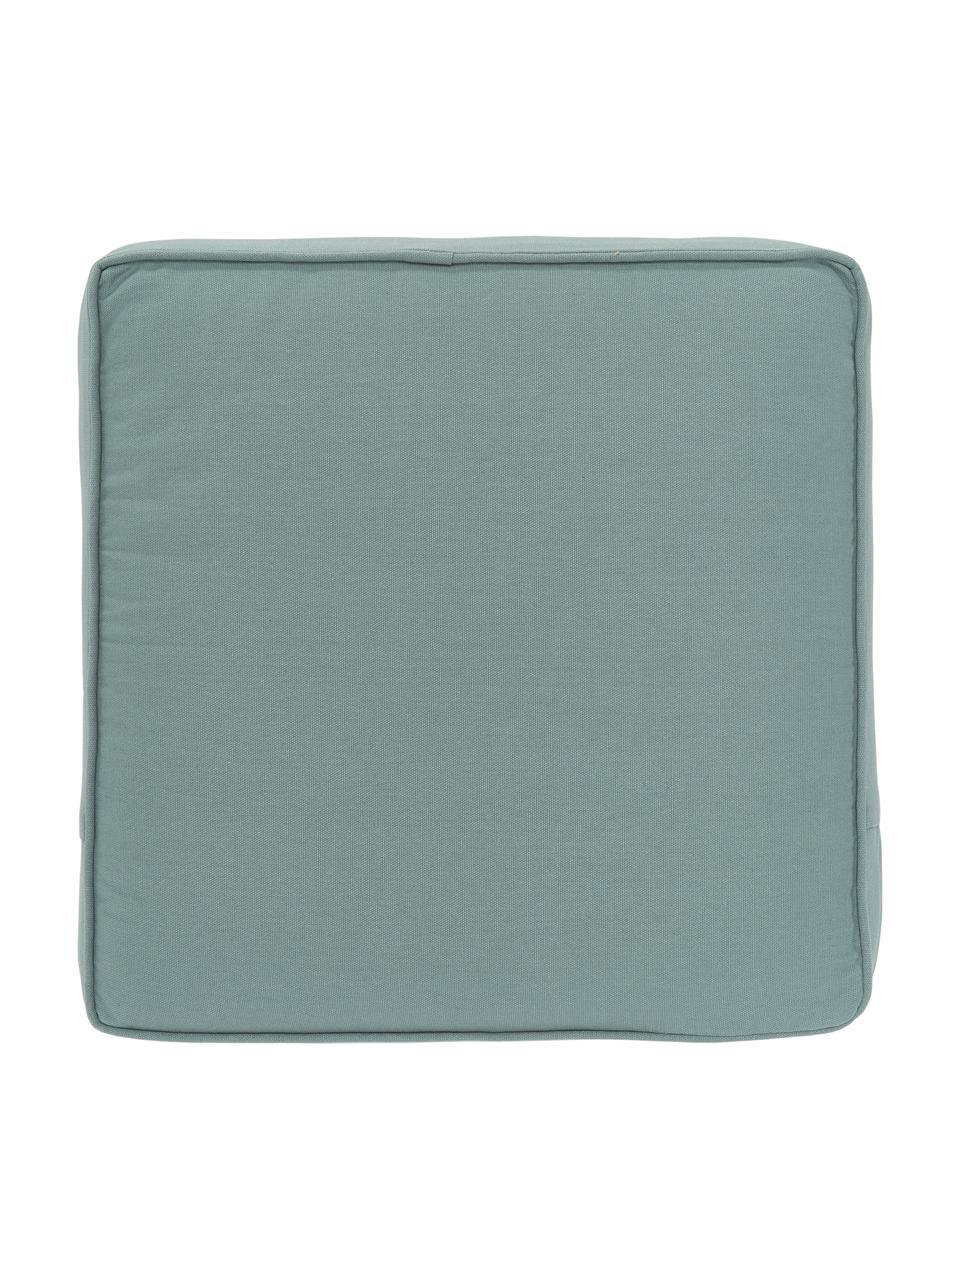 Hohes Sitzkissen Zoey in Salbeigrün, Bezug: 100% Baumwolle, Grün, 40 x 40 cm